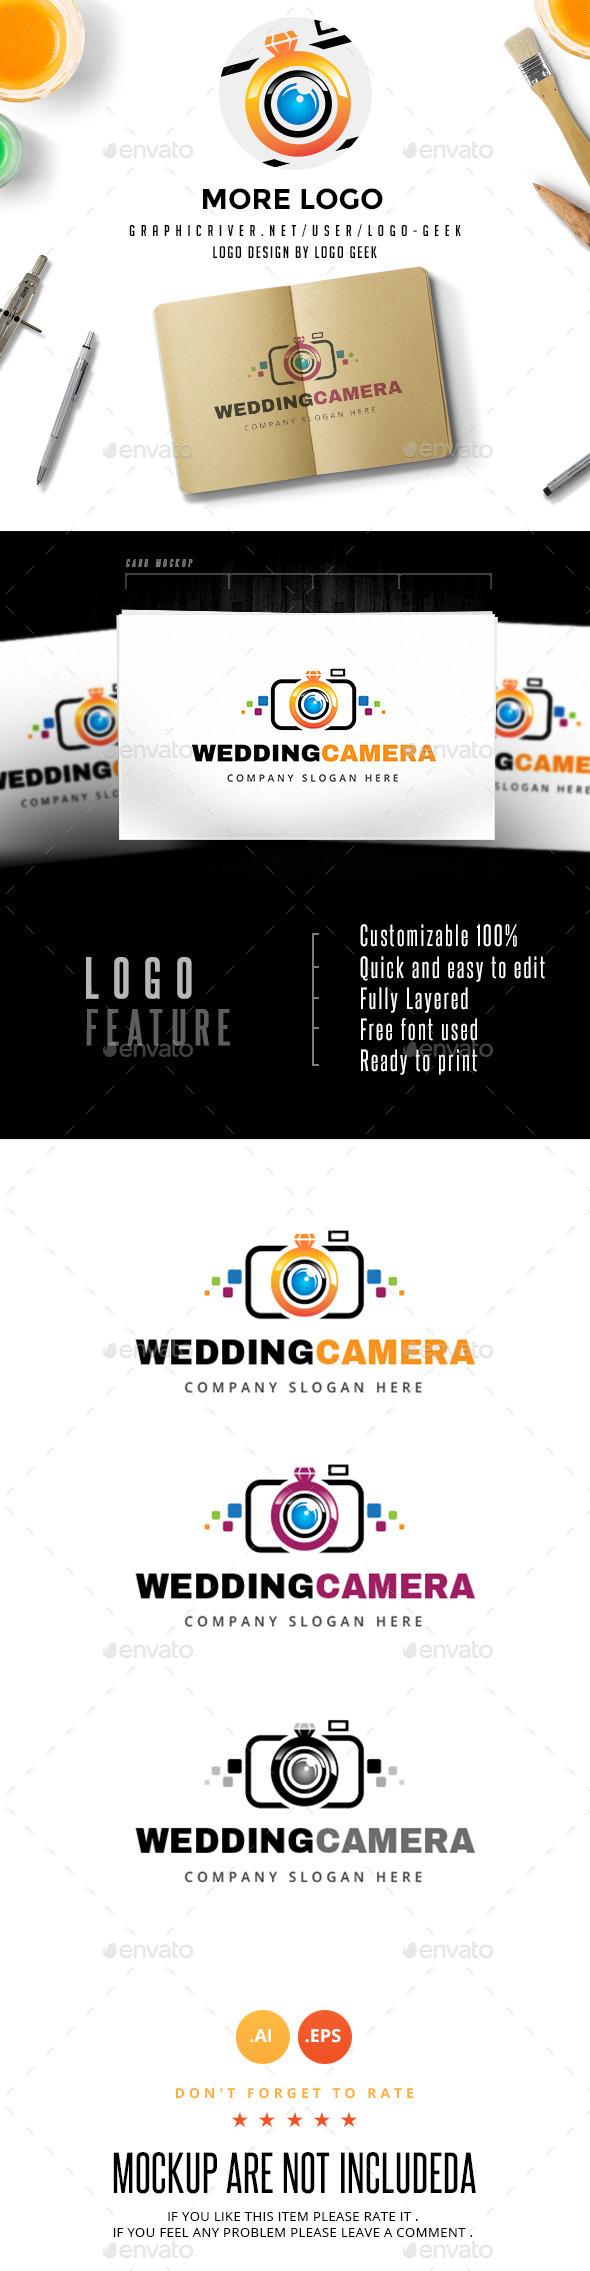 GraphicRiver Wedding Camera Logo 10512545